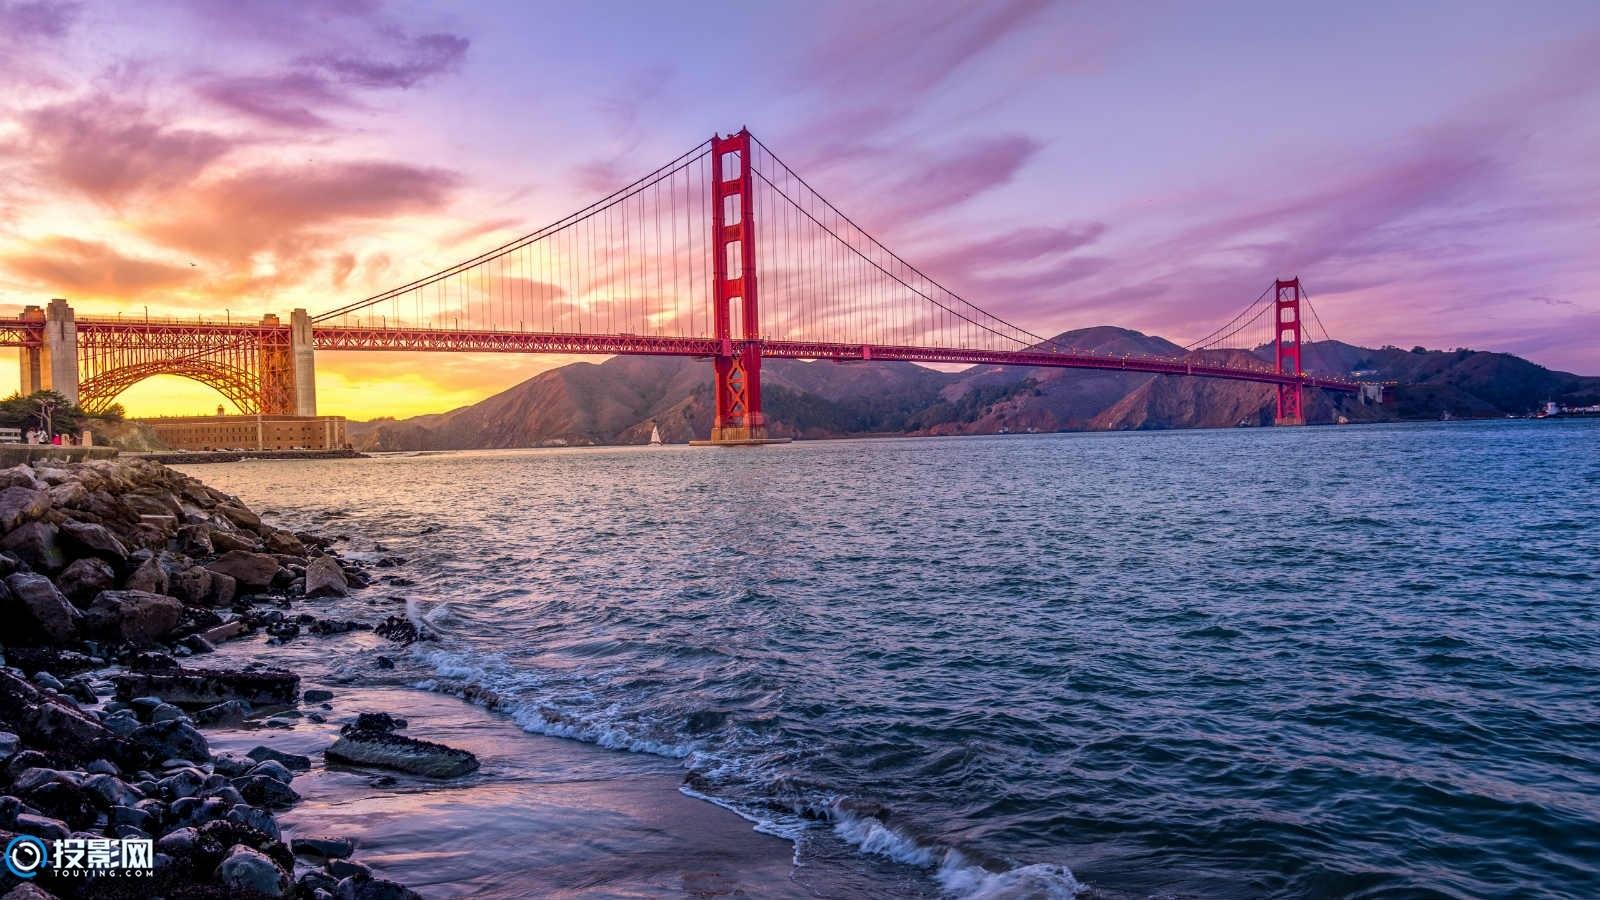 5K 美国金门大桥风光14P [分辨率5120x2880x28.1MB]